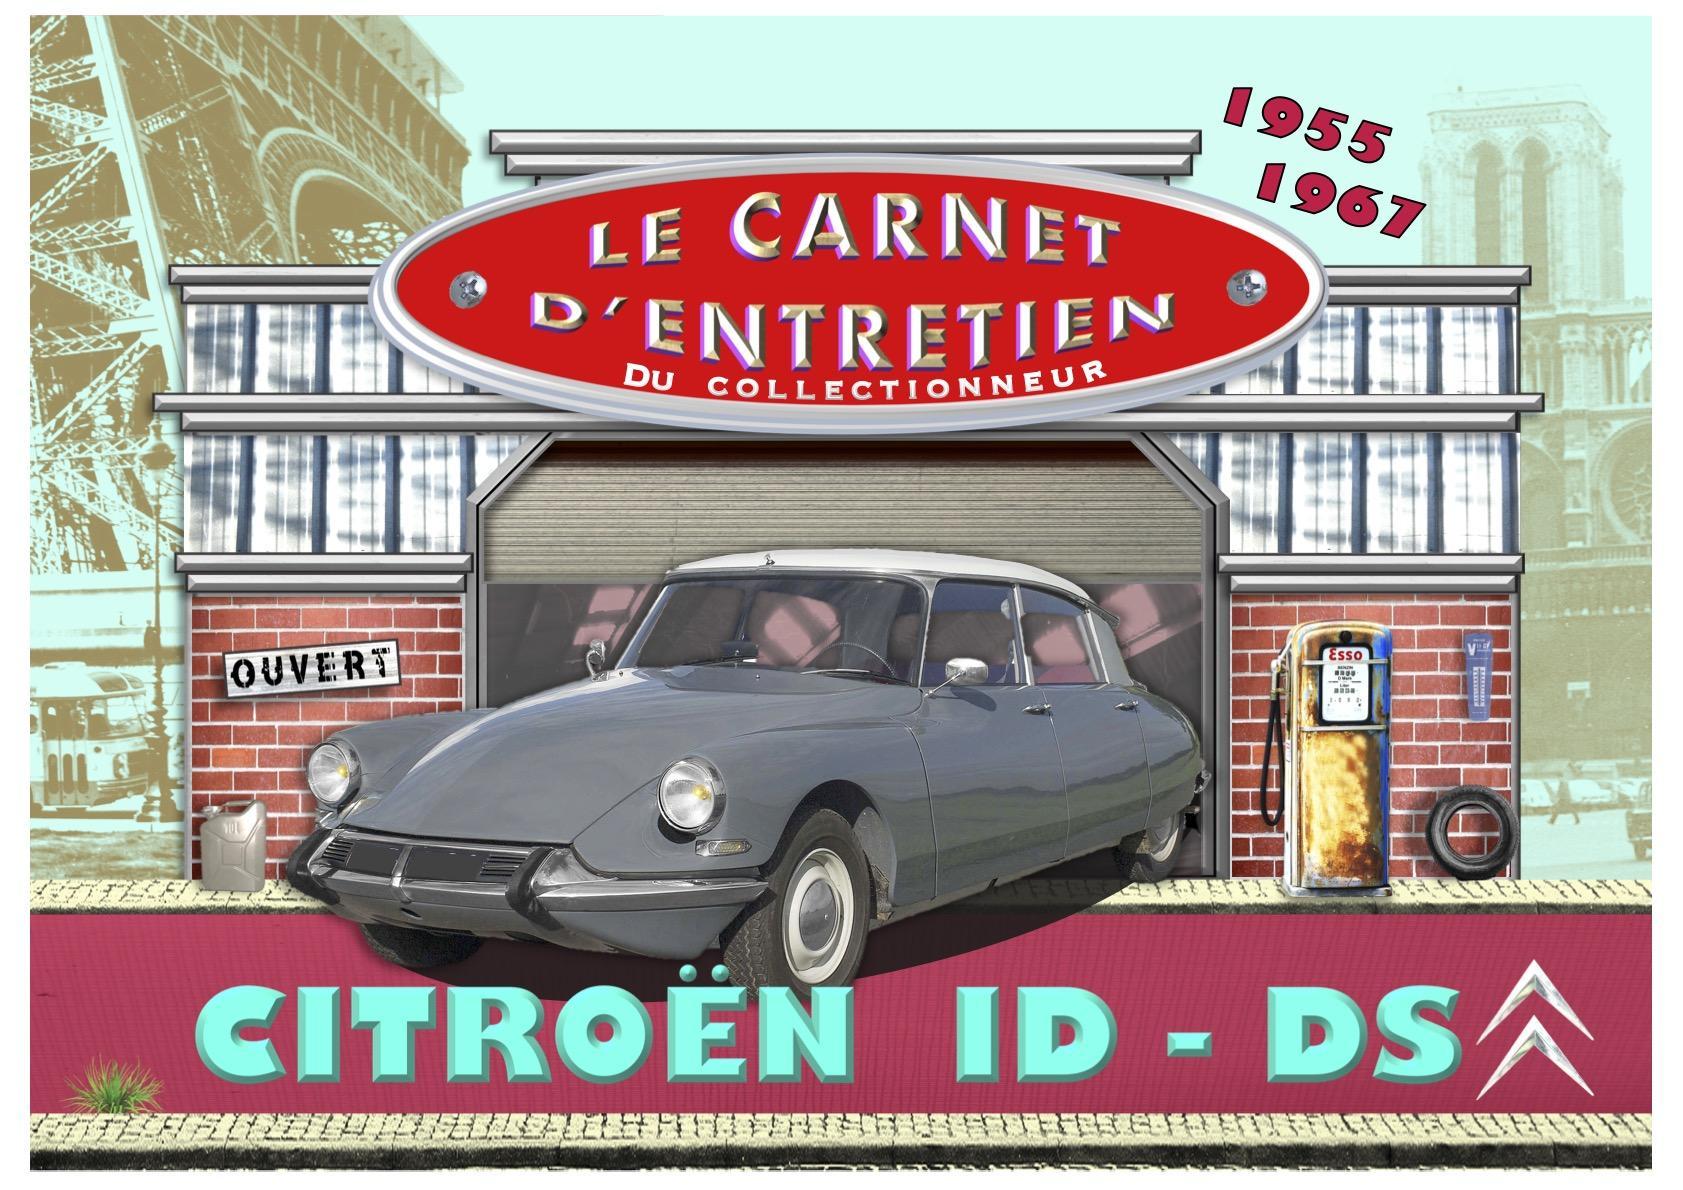 carnet d'entretien Citroën DS ID 1955 - 1967